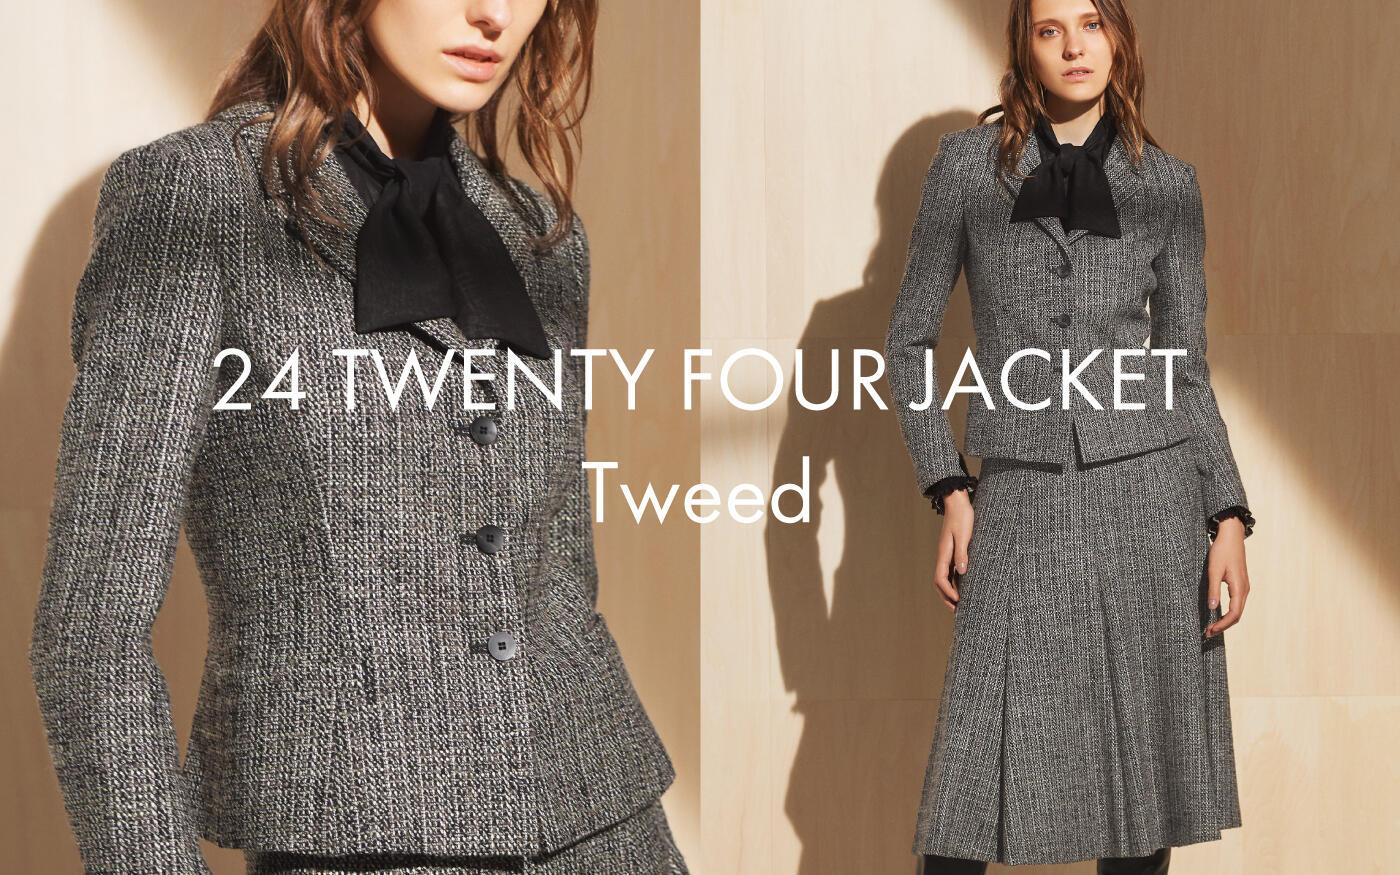 大人の女性の着こなしに欠かせない「ツイード」素材のアイテムを取り入れて、冬ファッションを華やかに。